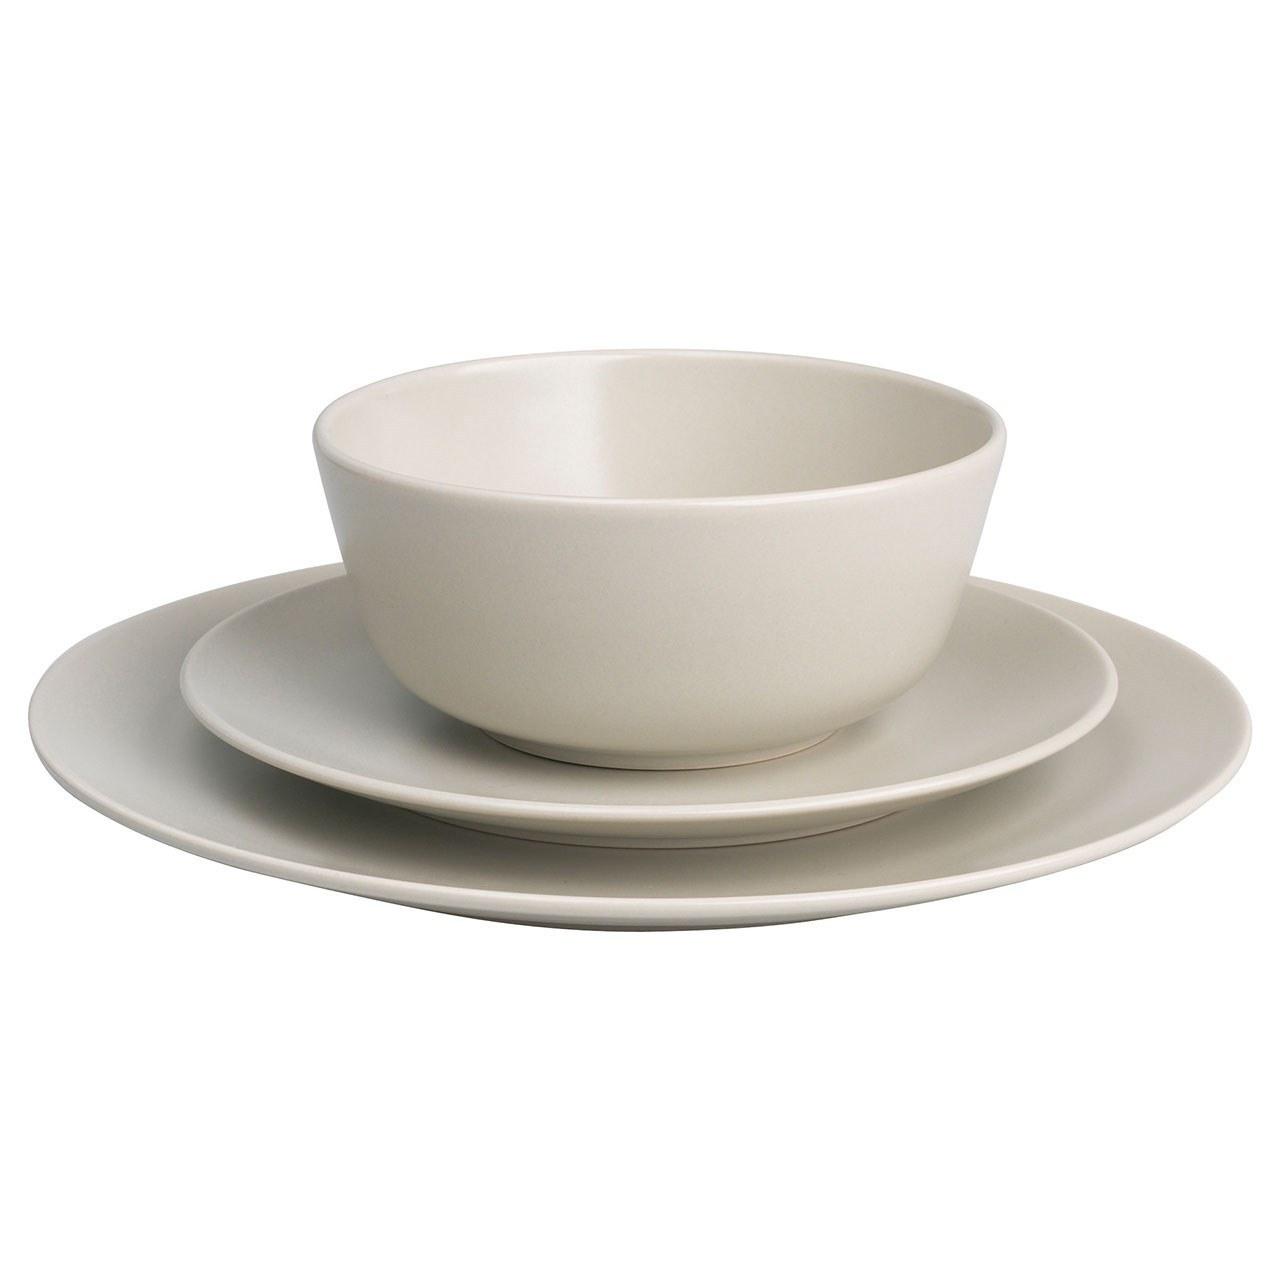 تصویر سرویس غذاخوری 18 پارچه ایکیا مدل DINERA Ikea DINERA 18 Pieces Dinnerware Set